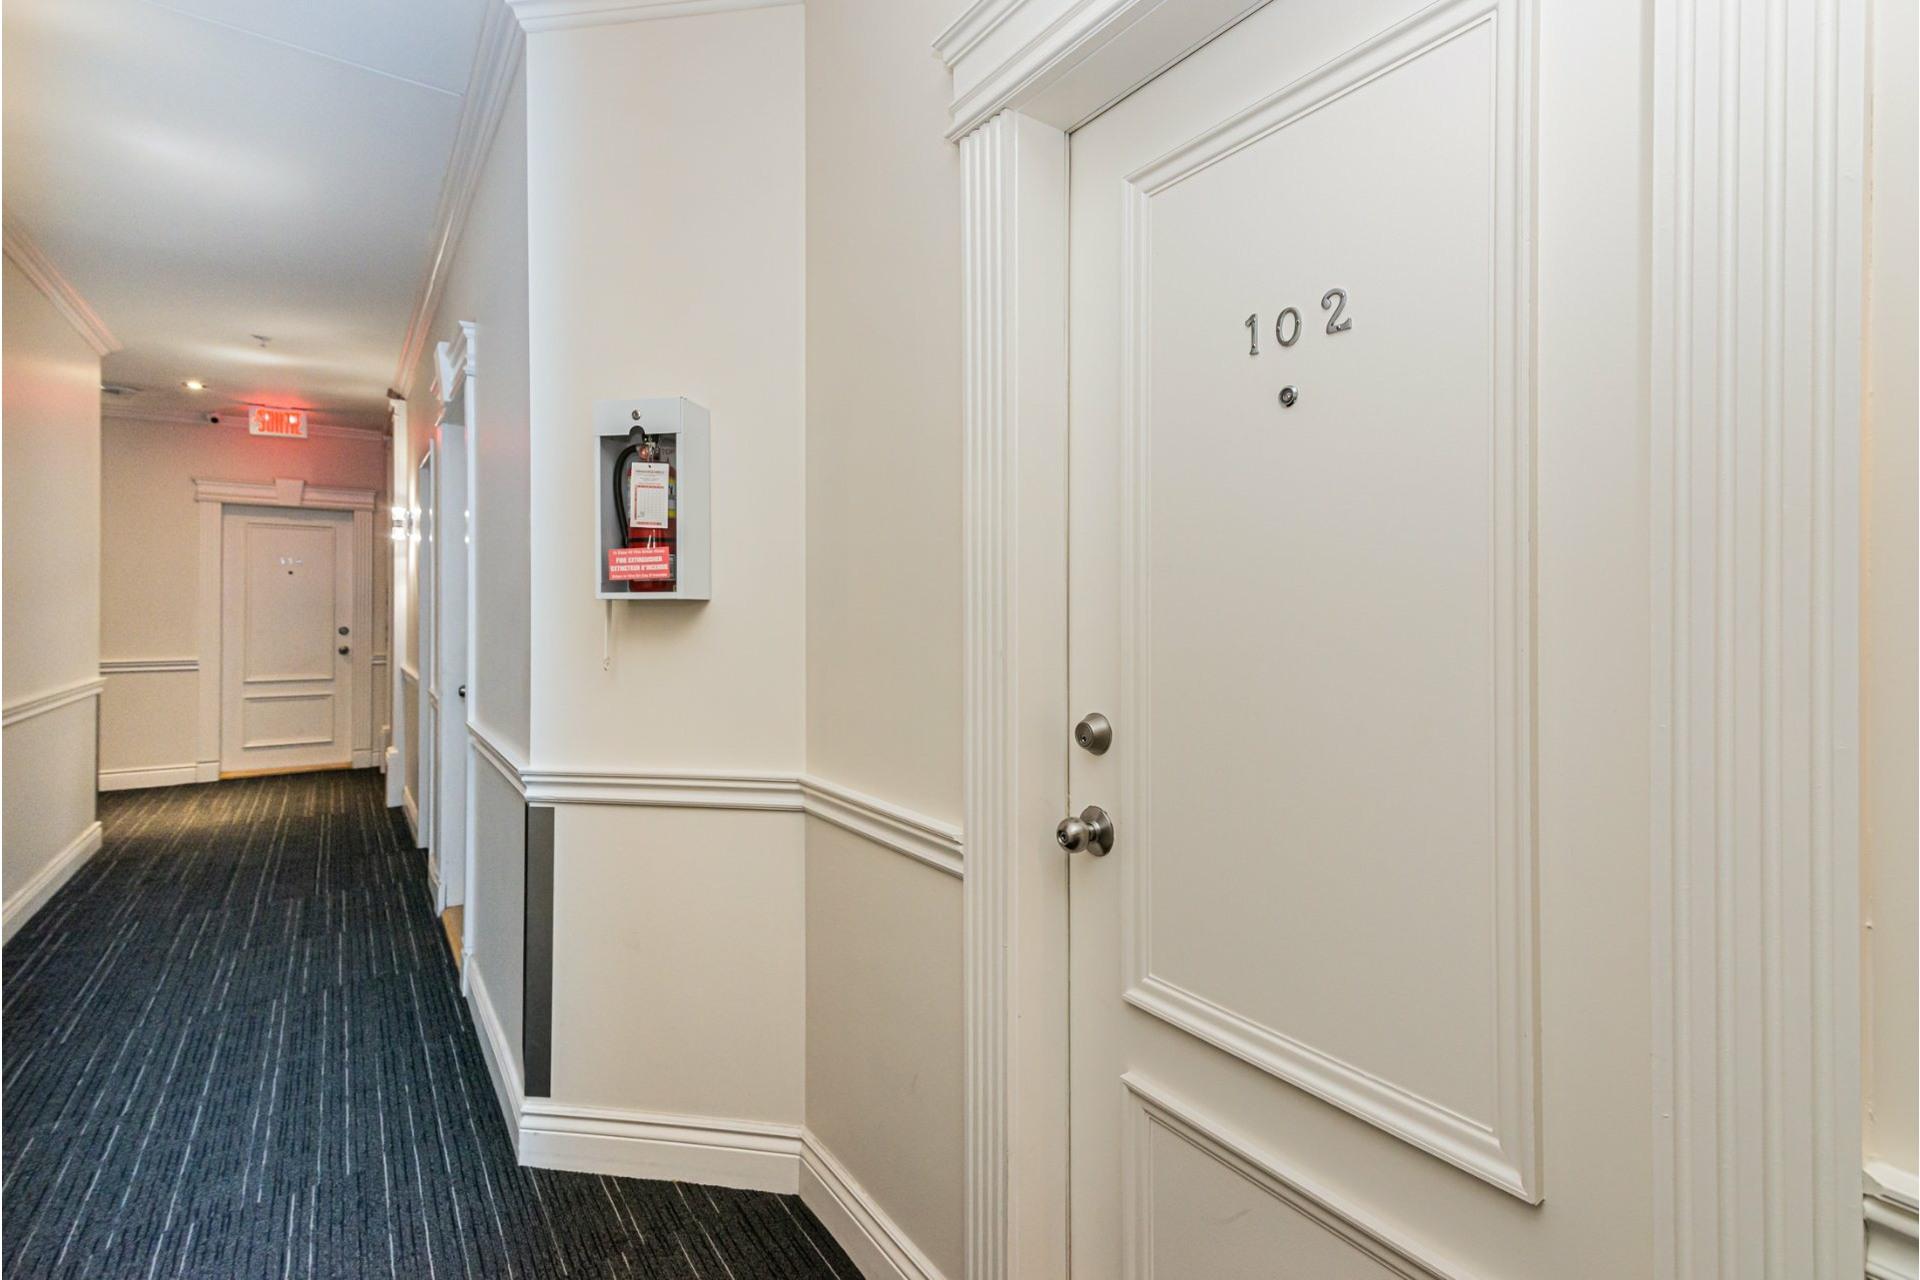 image 19 - Appartement À vendre Lachine Montréal  - 5 pièces